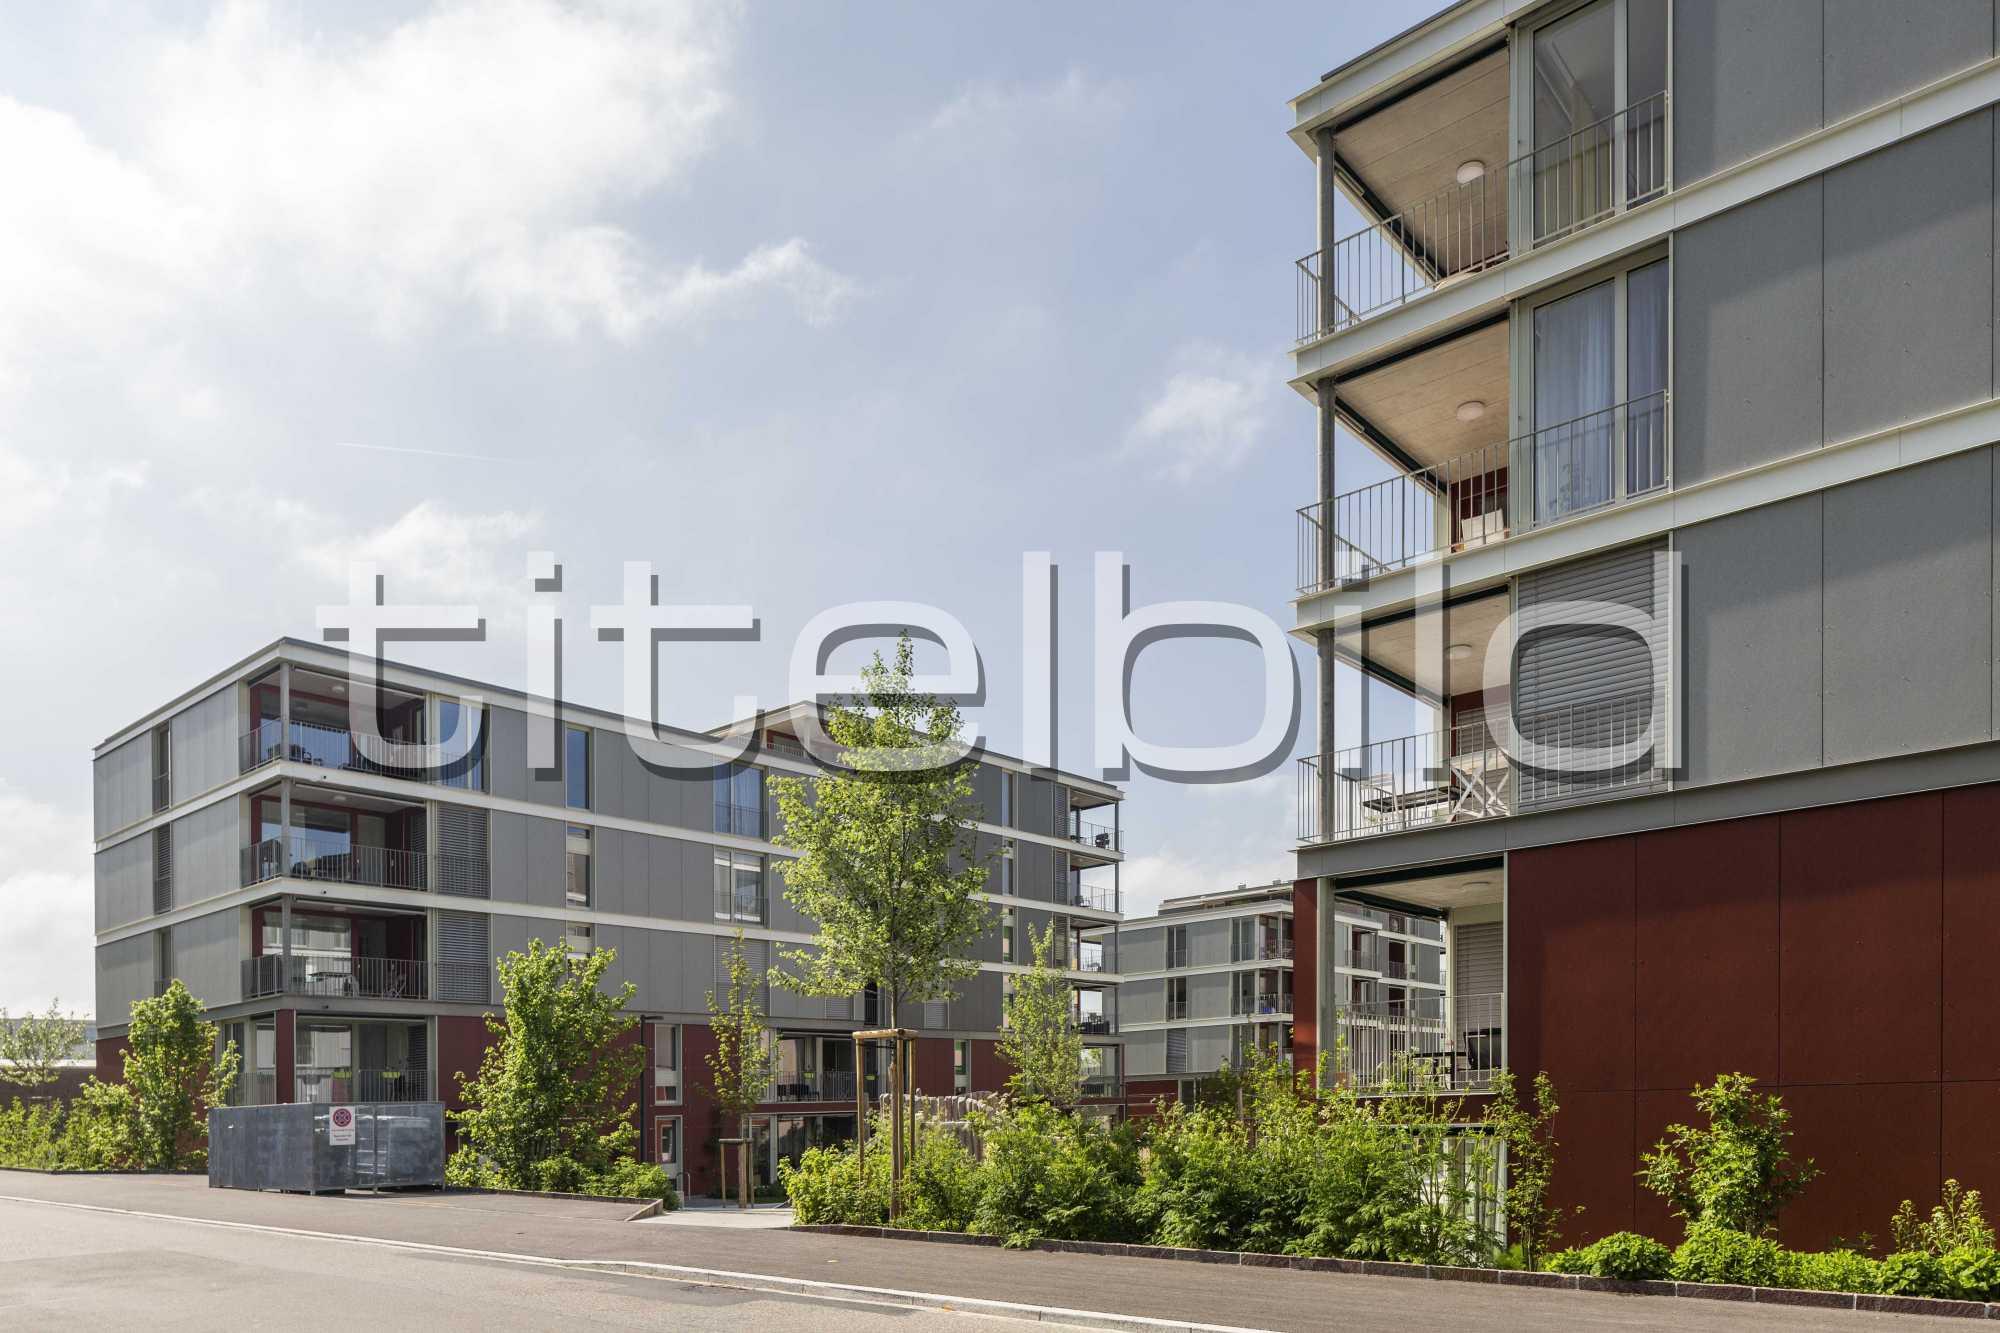 Projektbild-Nr. 4: Wohnüberbauung Sulperg 2